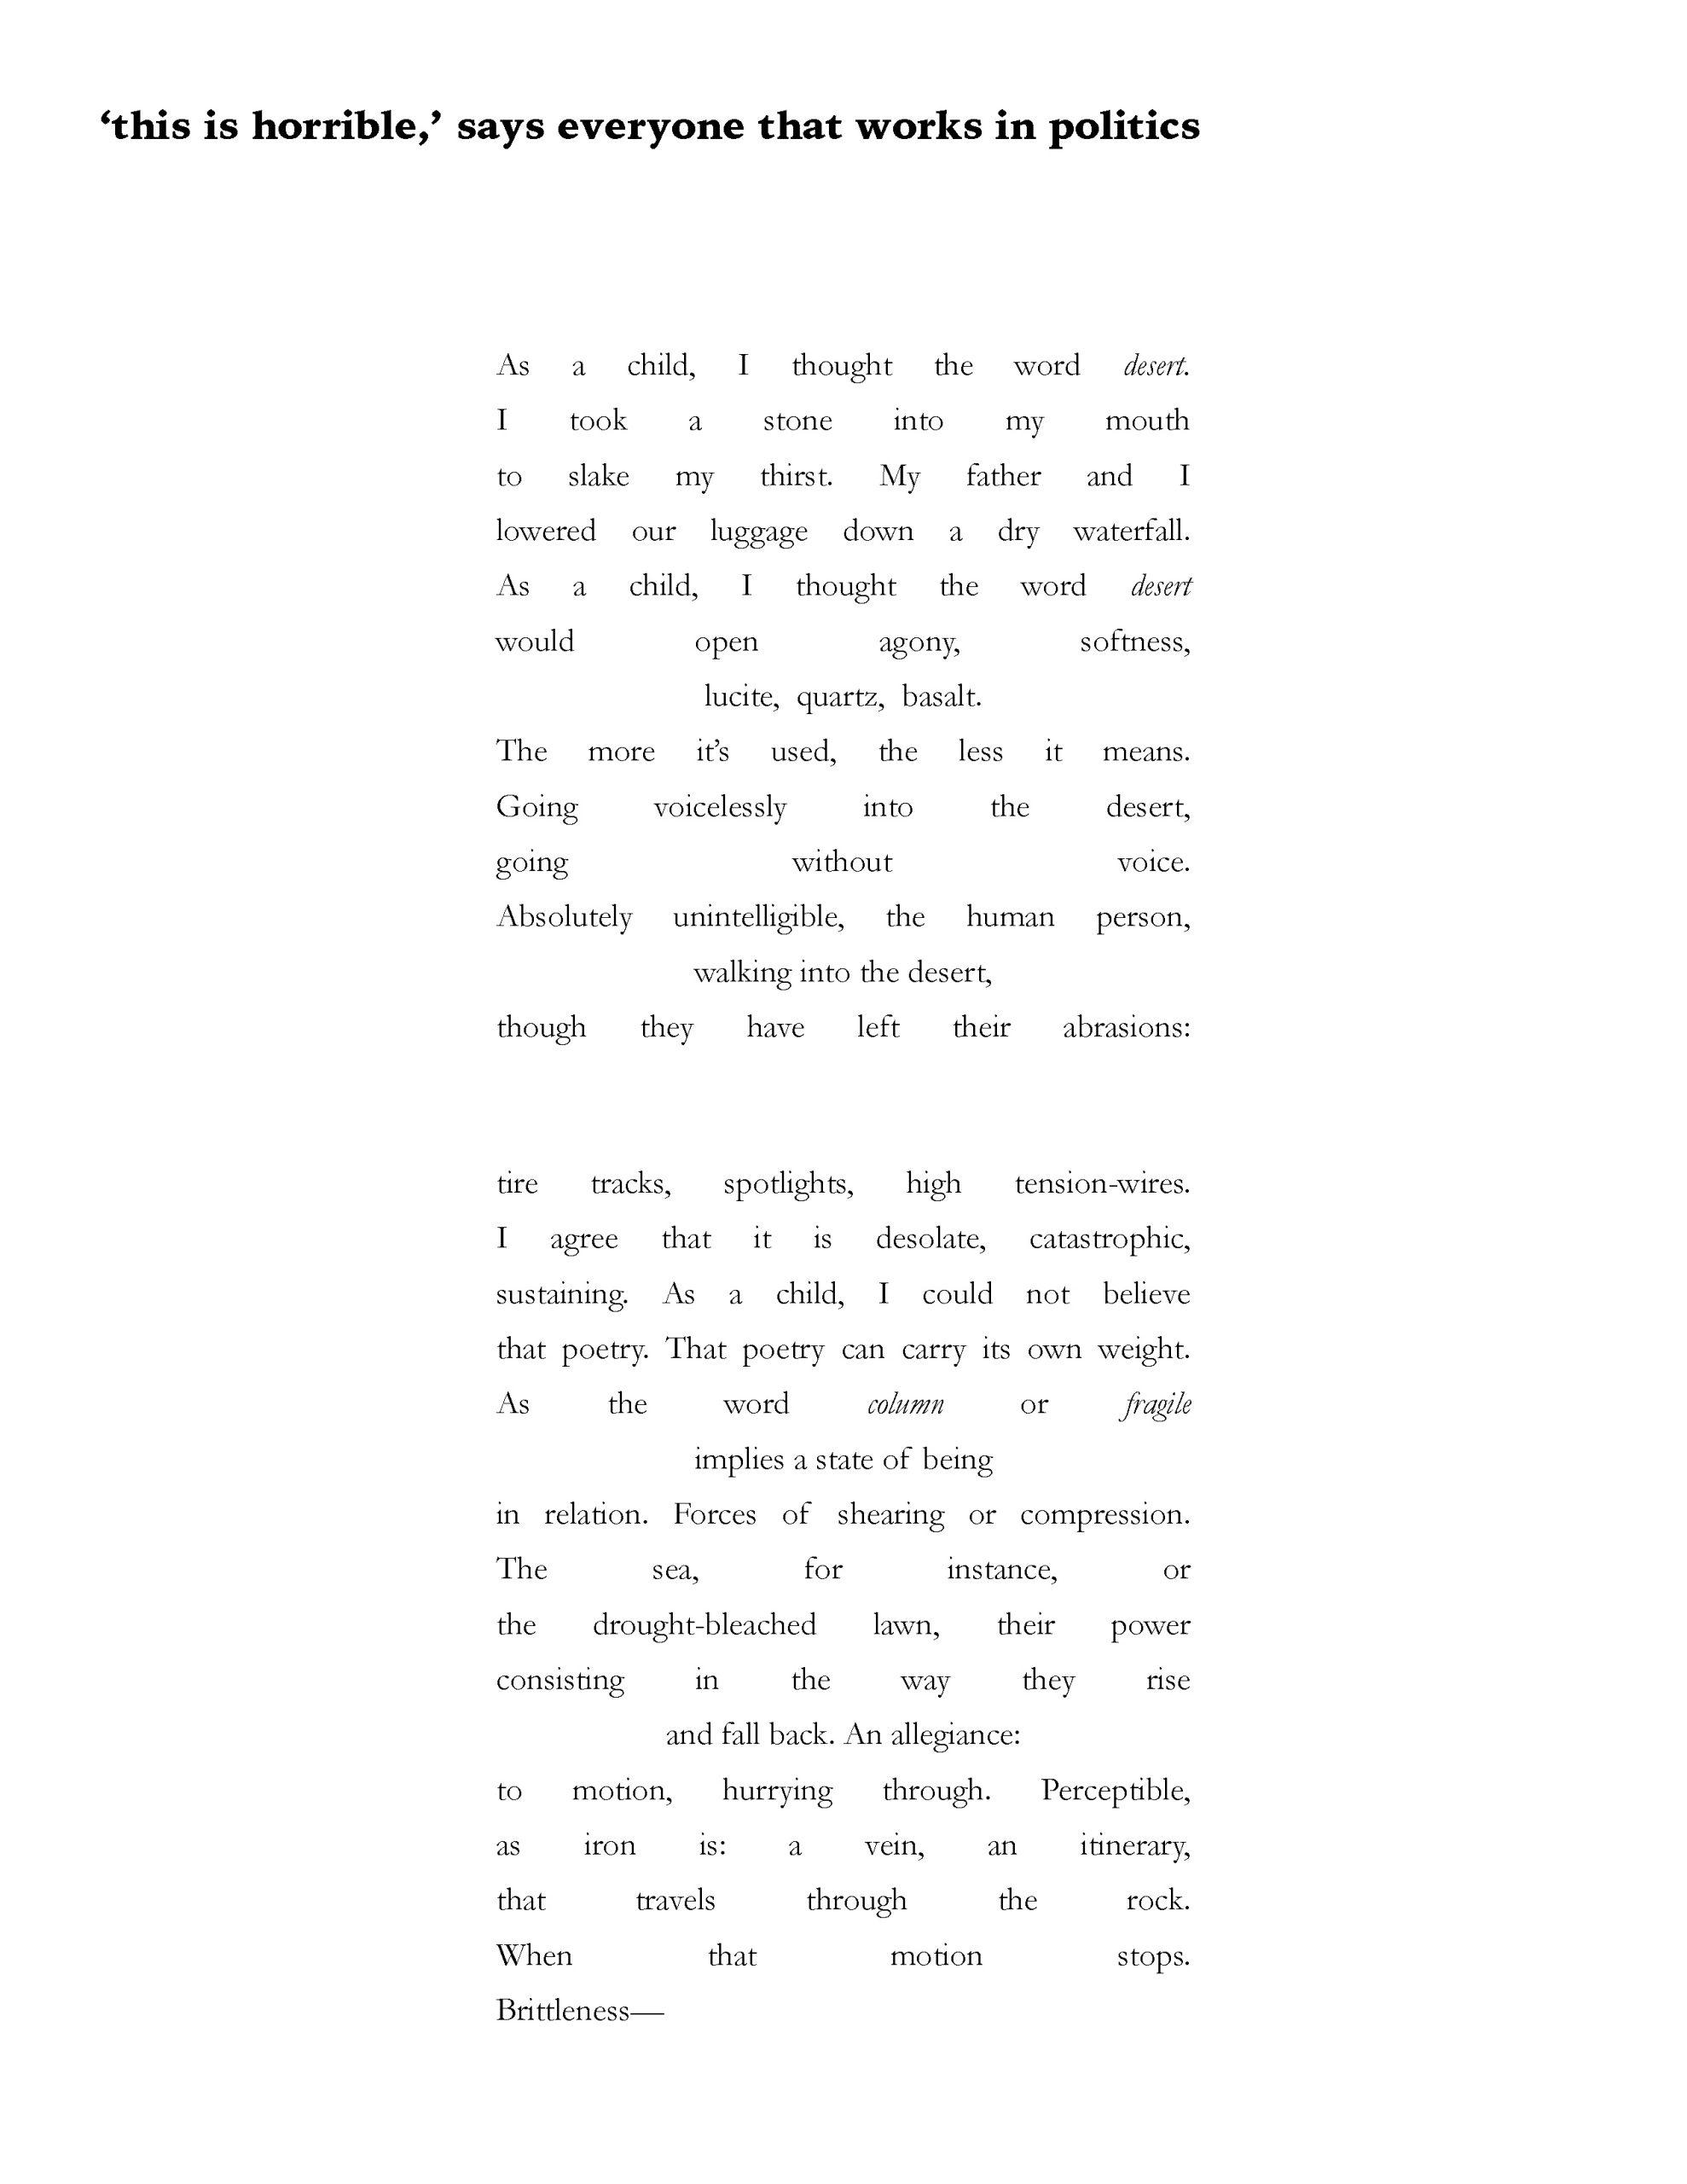 p_altman_halsey-insitute-poem-v.2-01